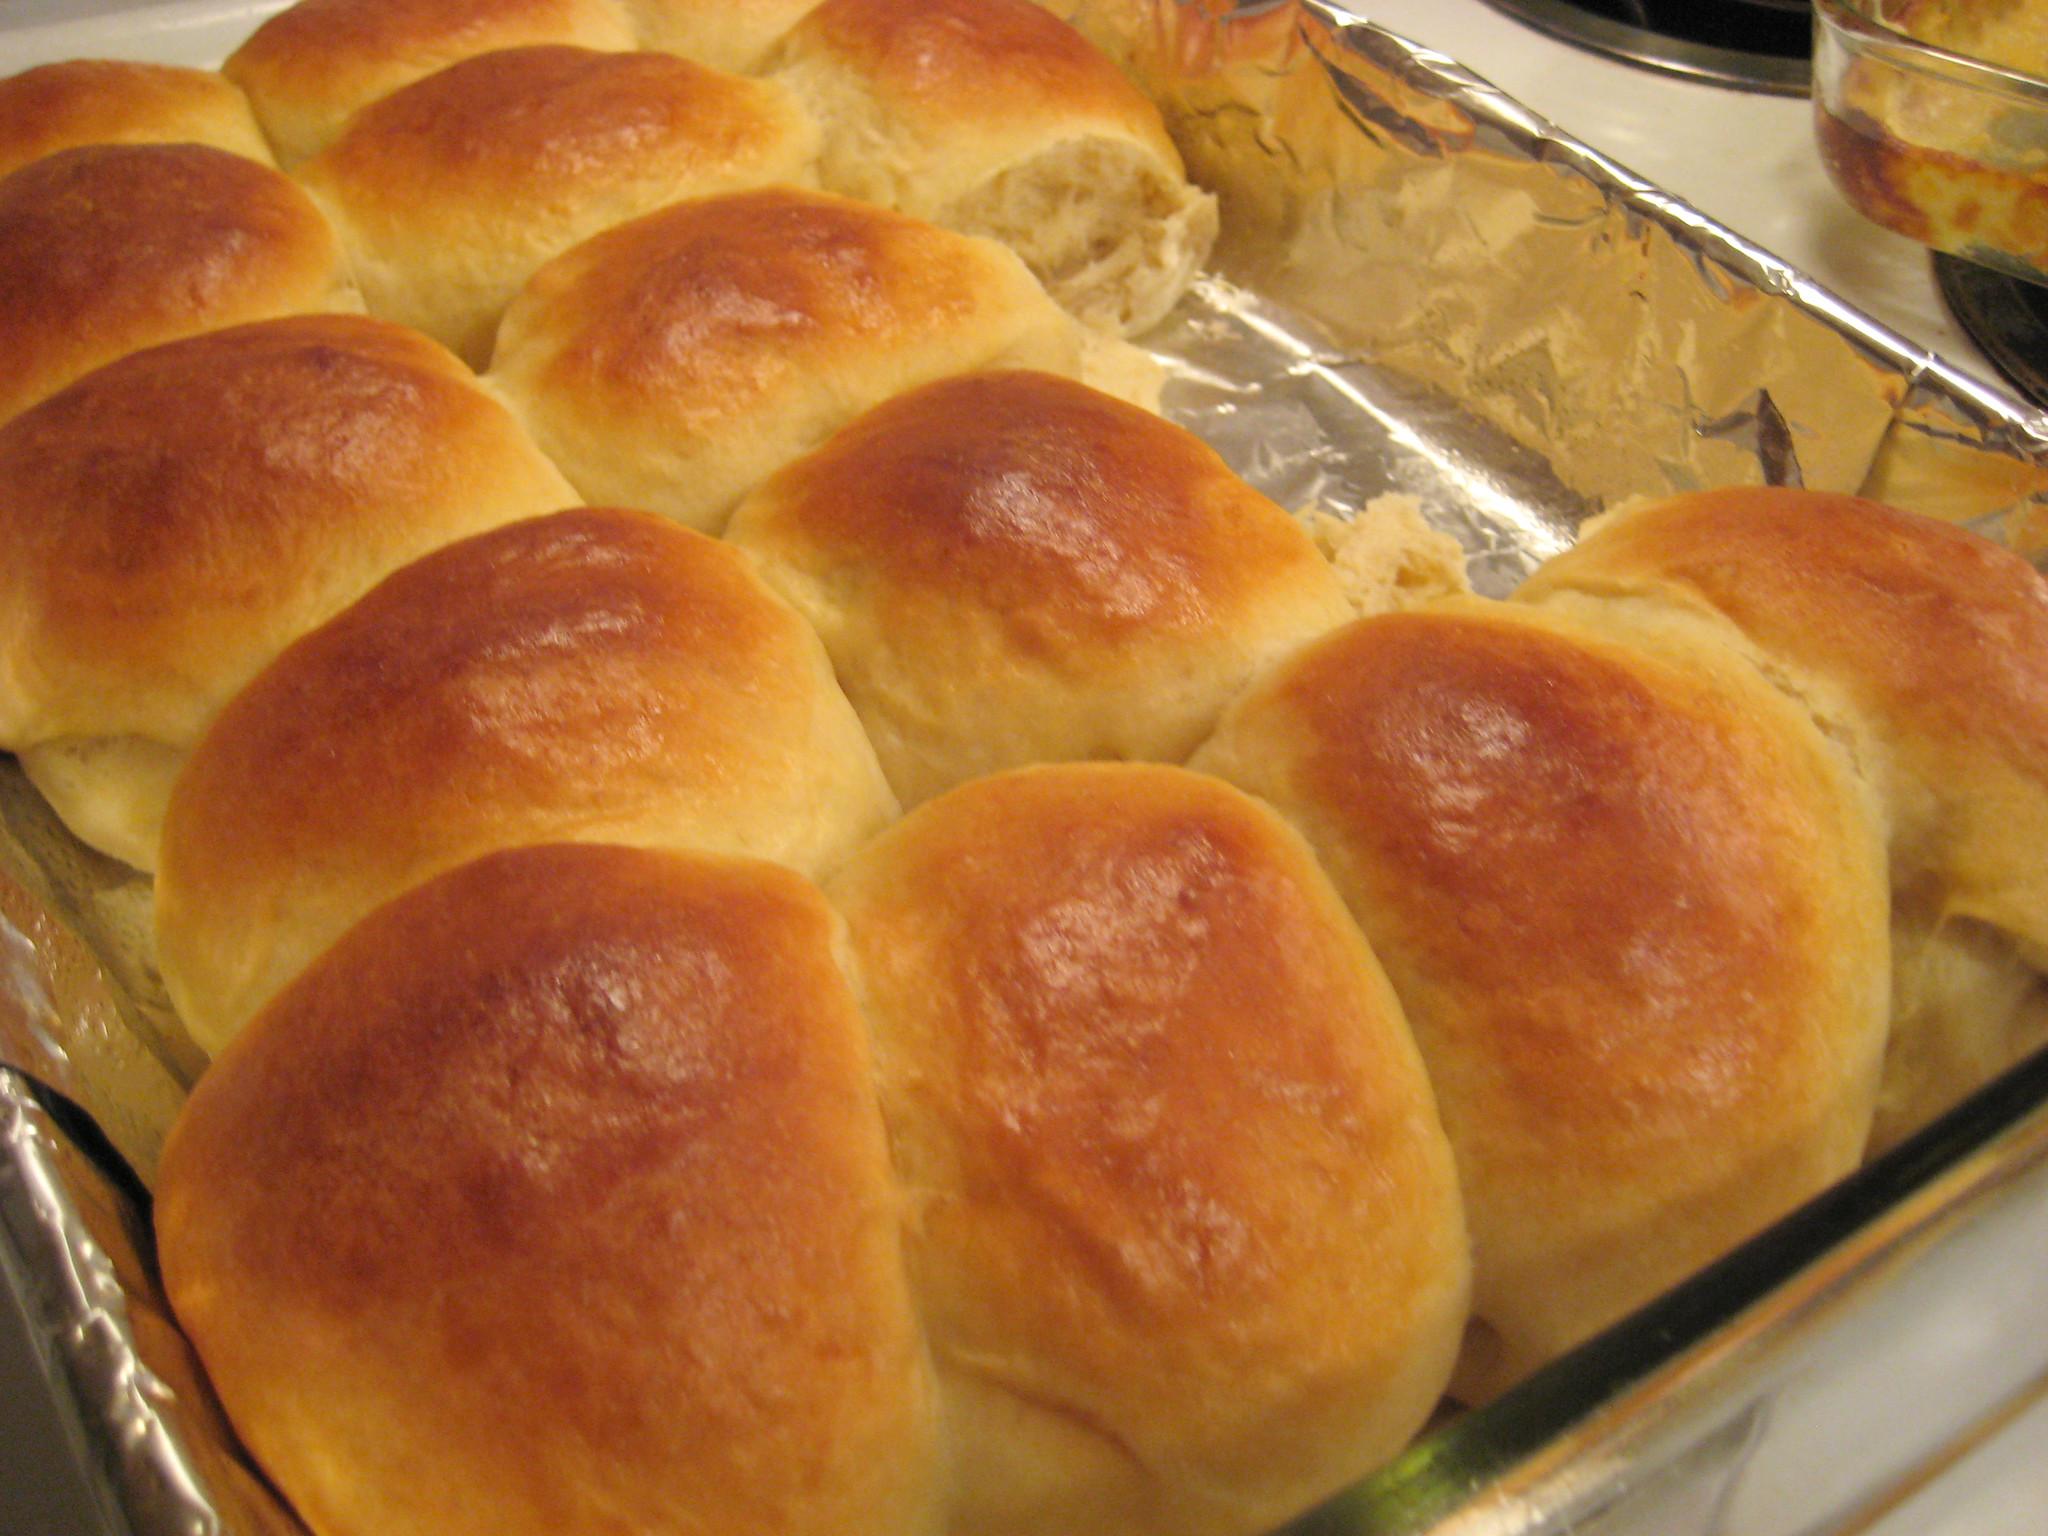 Συνταγή για εύκολα σπιτικά ψωμάκια για σάντουιτς.